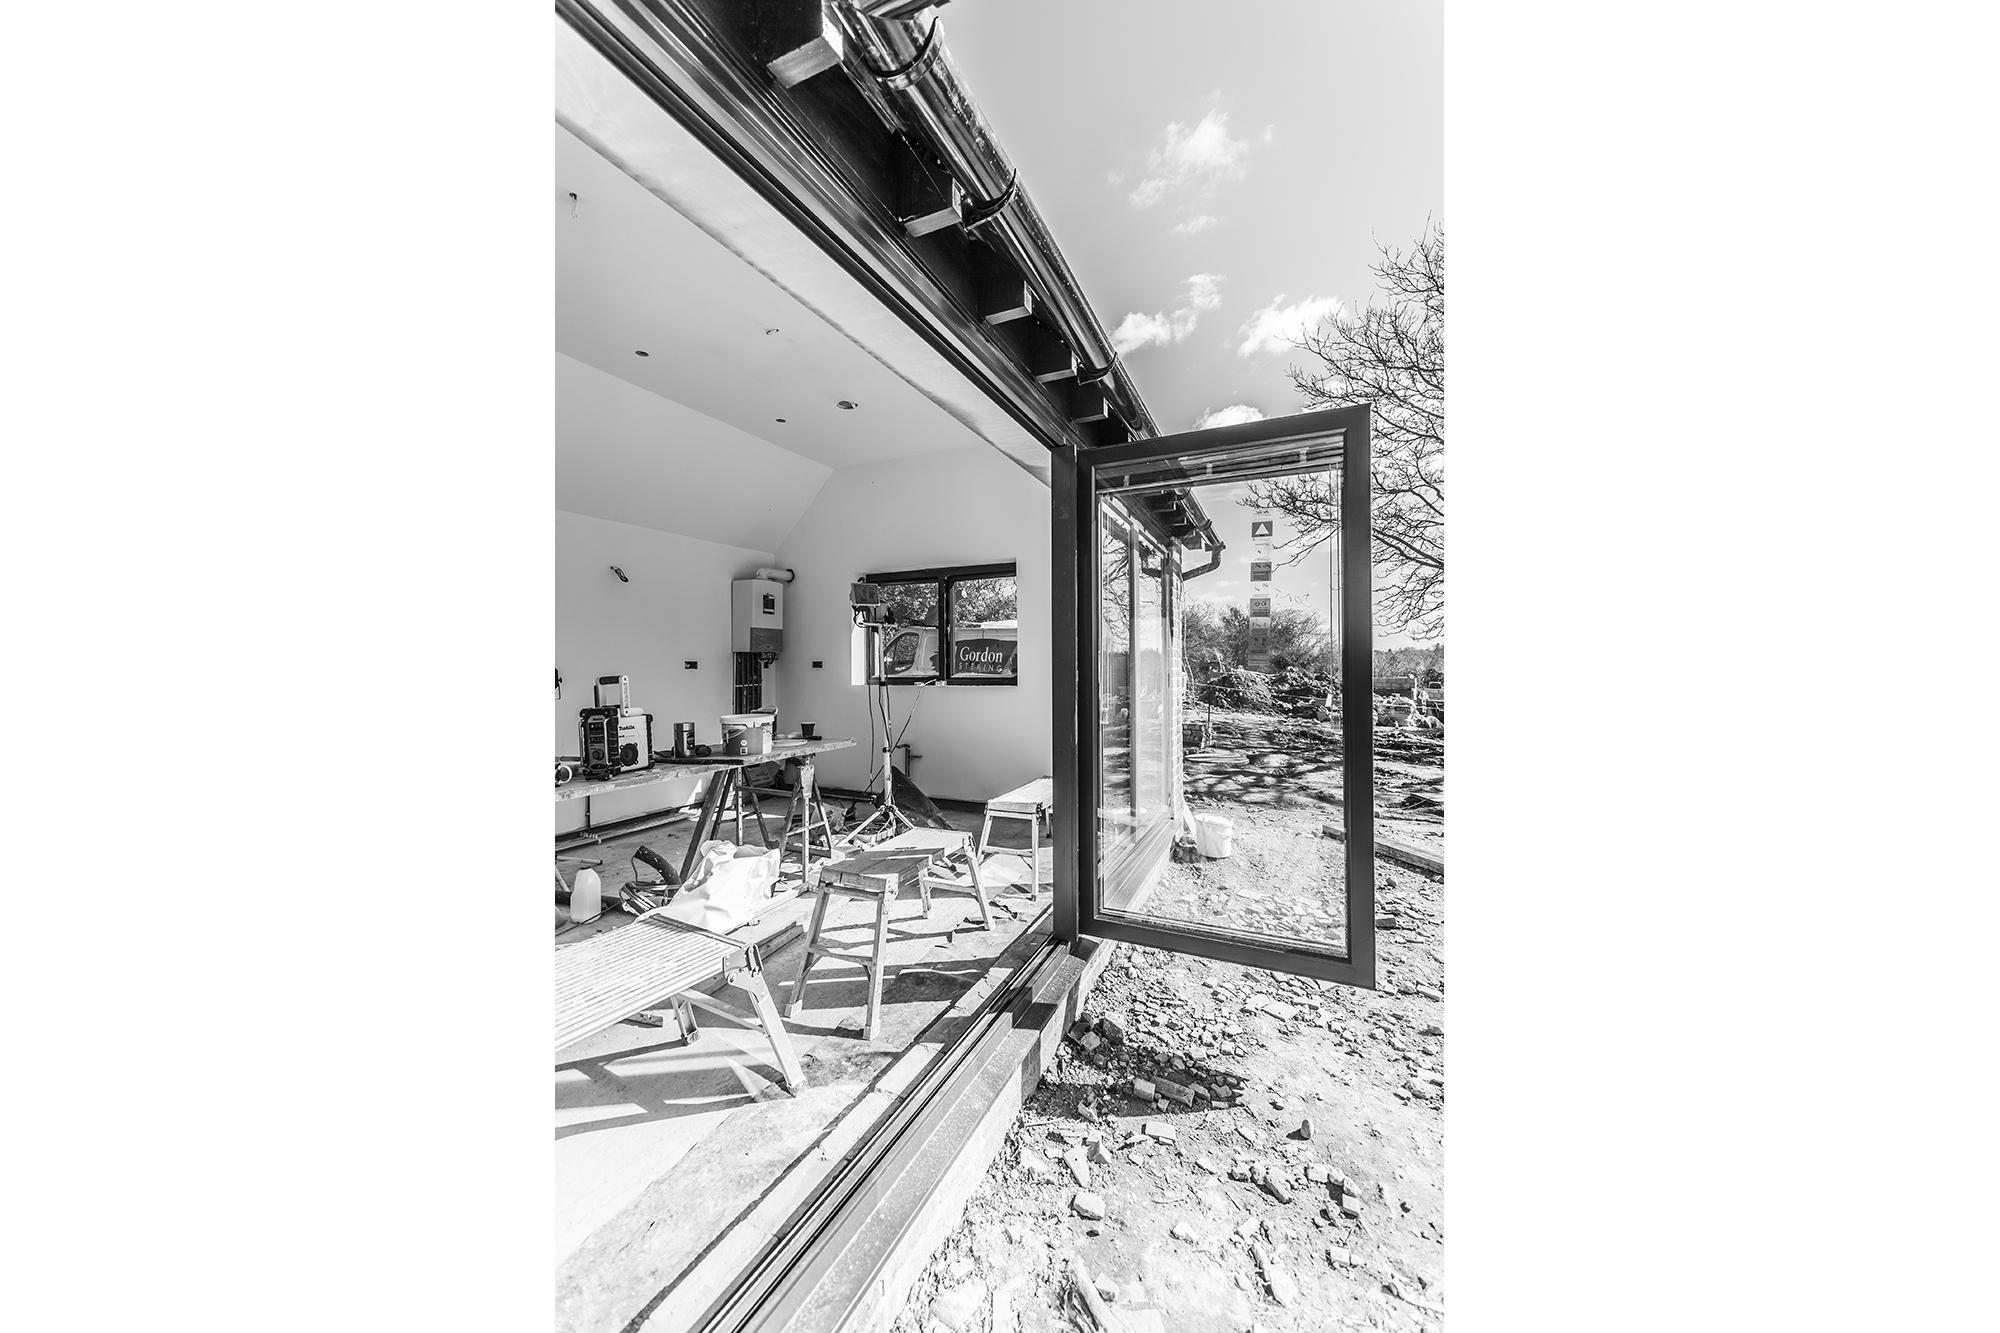 Hamsland_Construction2__39.jpg